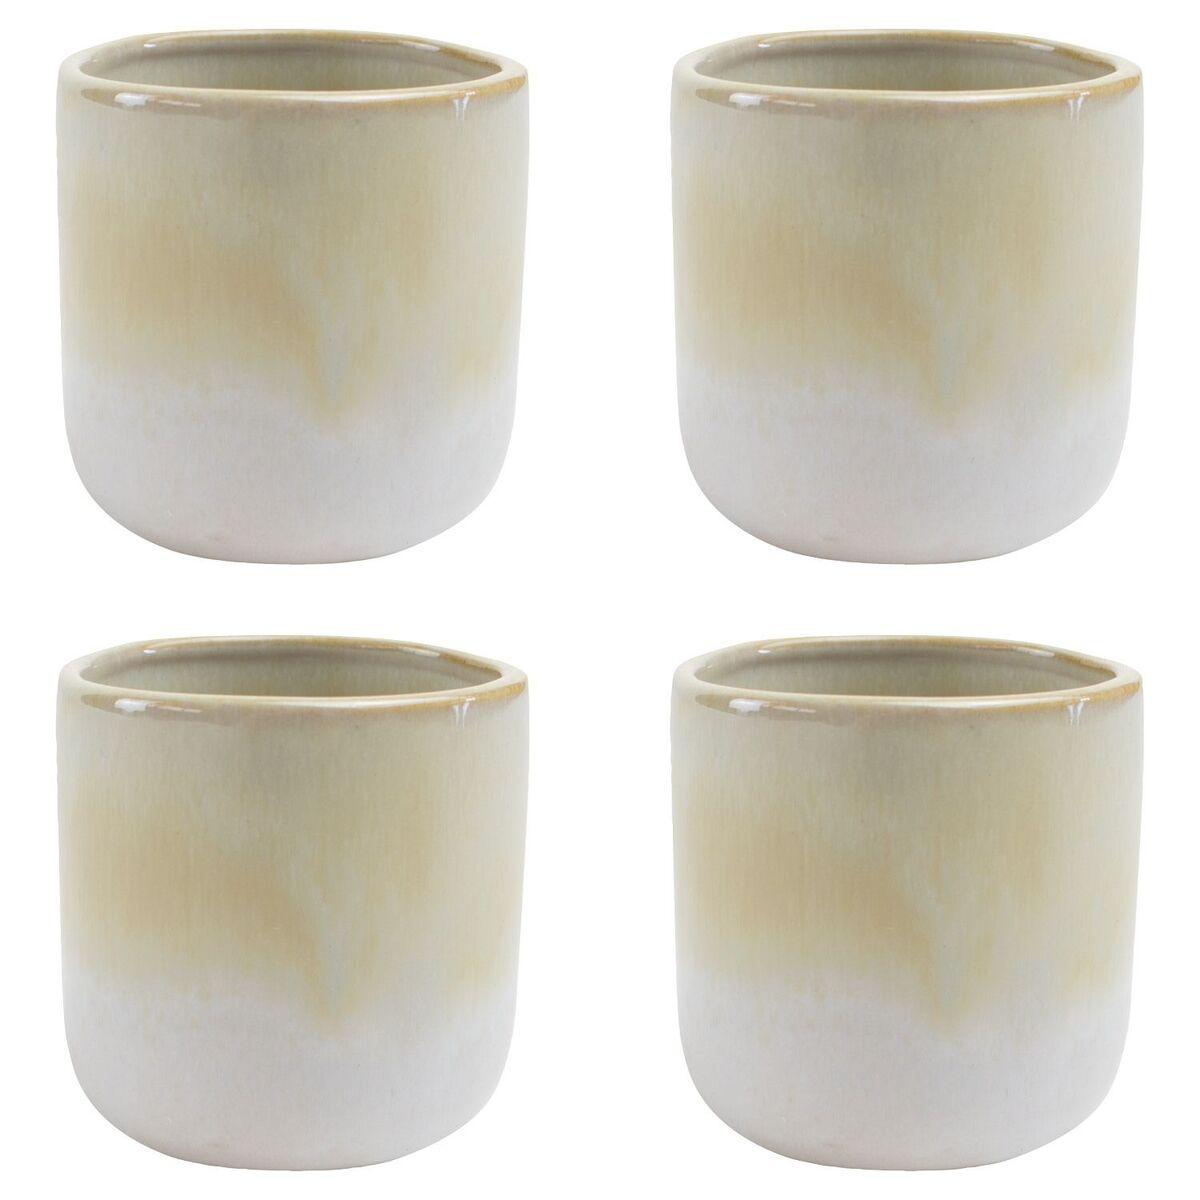 Bild 3 von CROFTON®  Kaffee-Zubehör